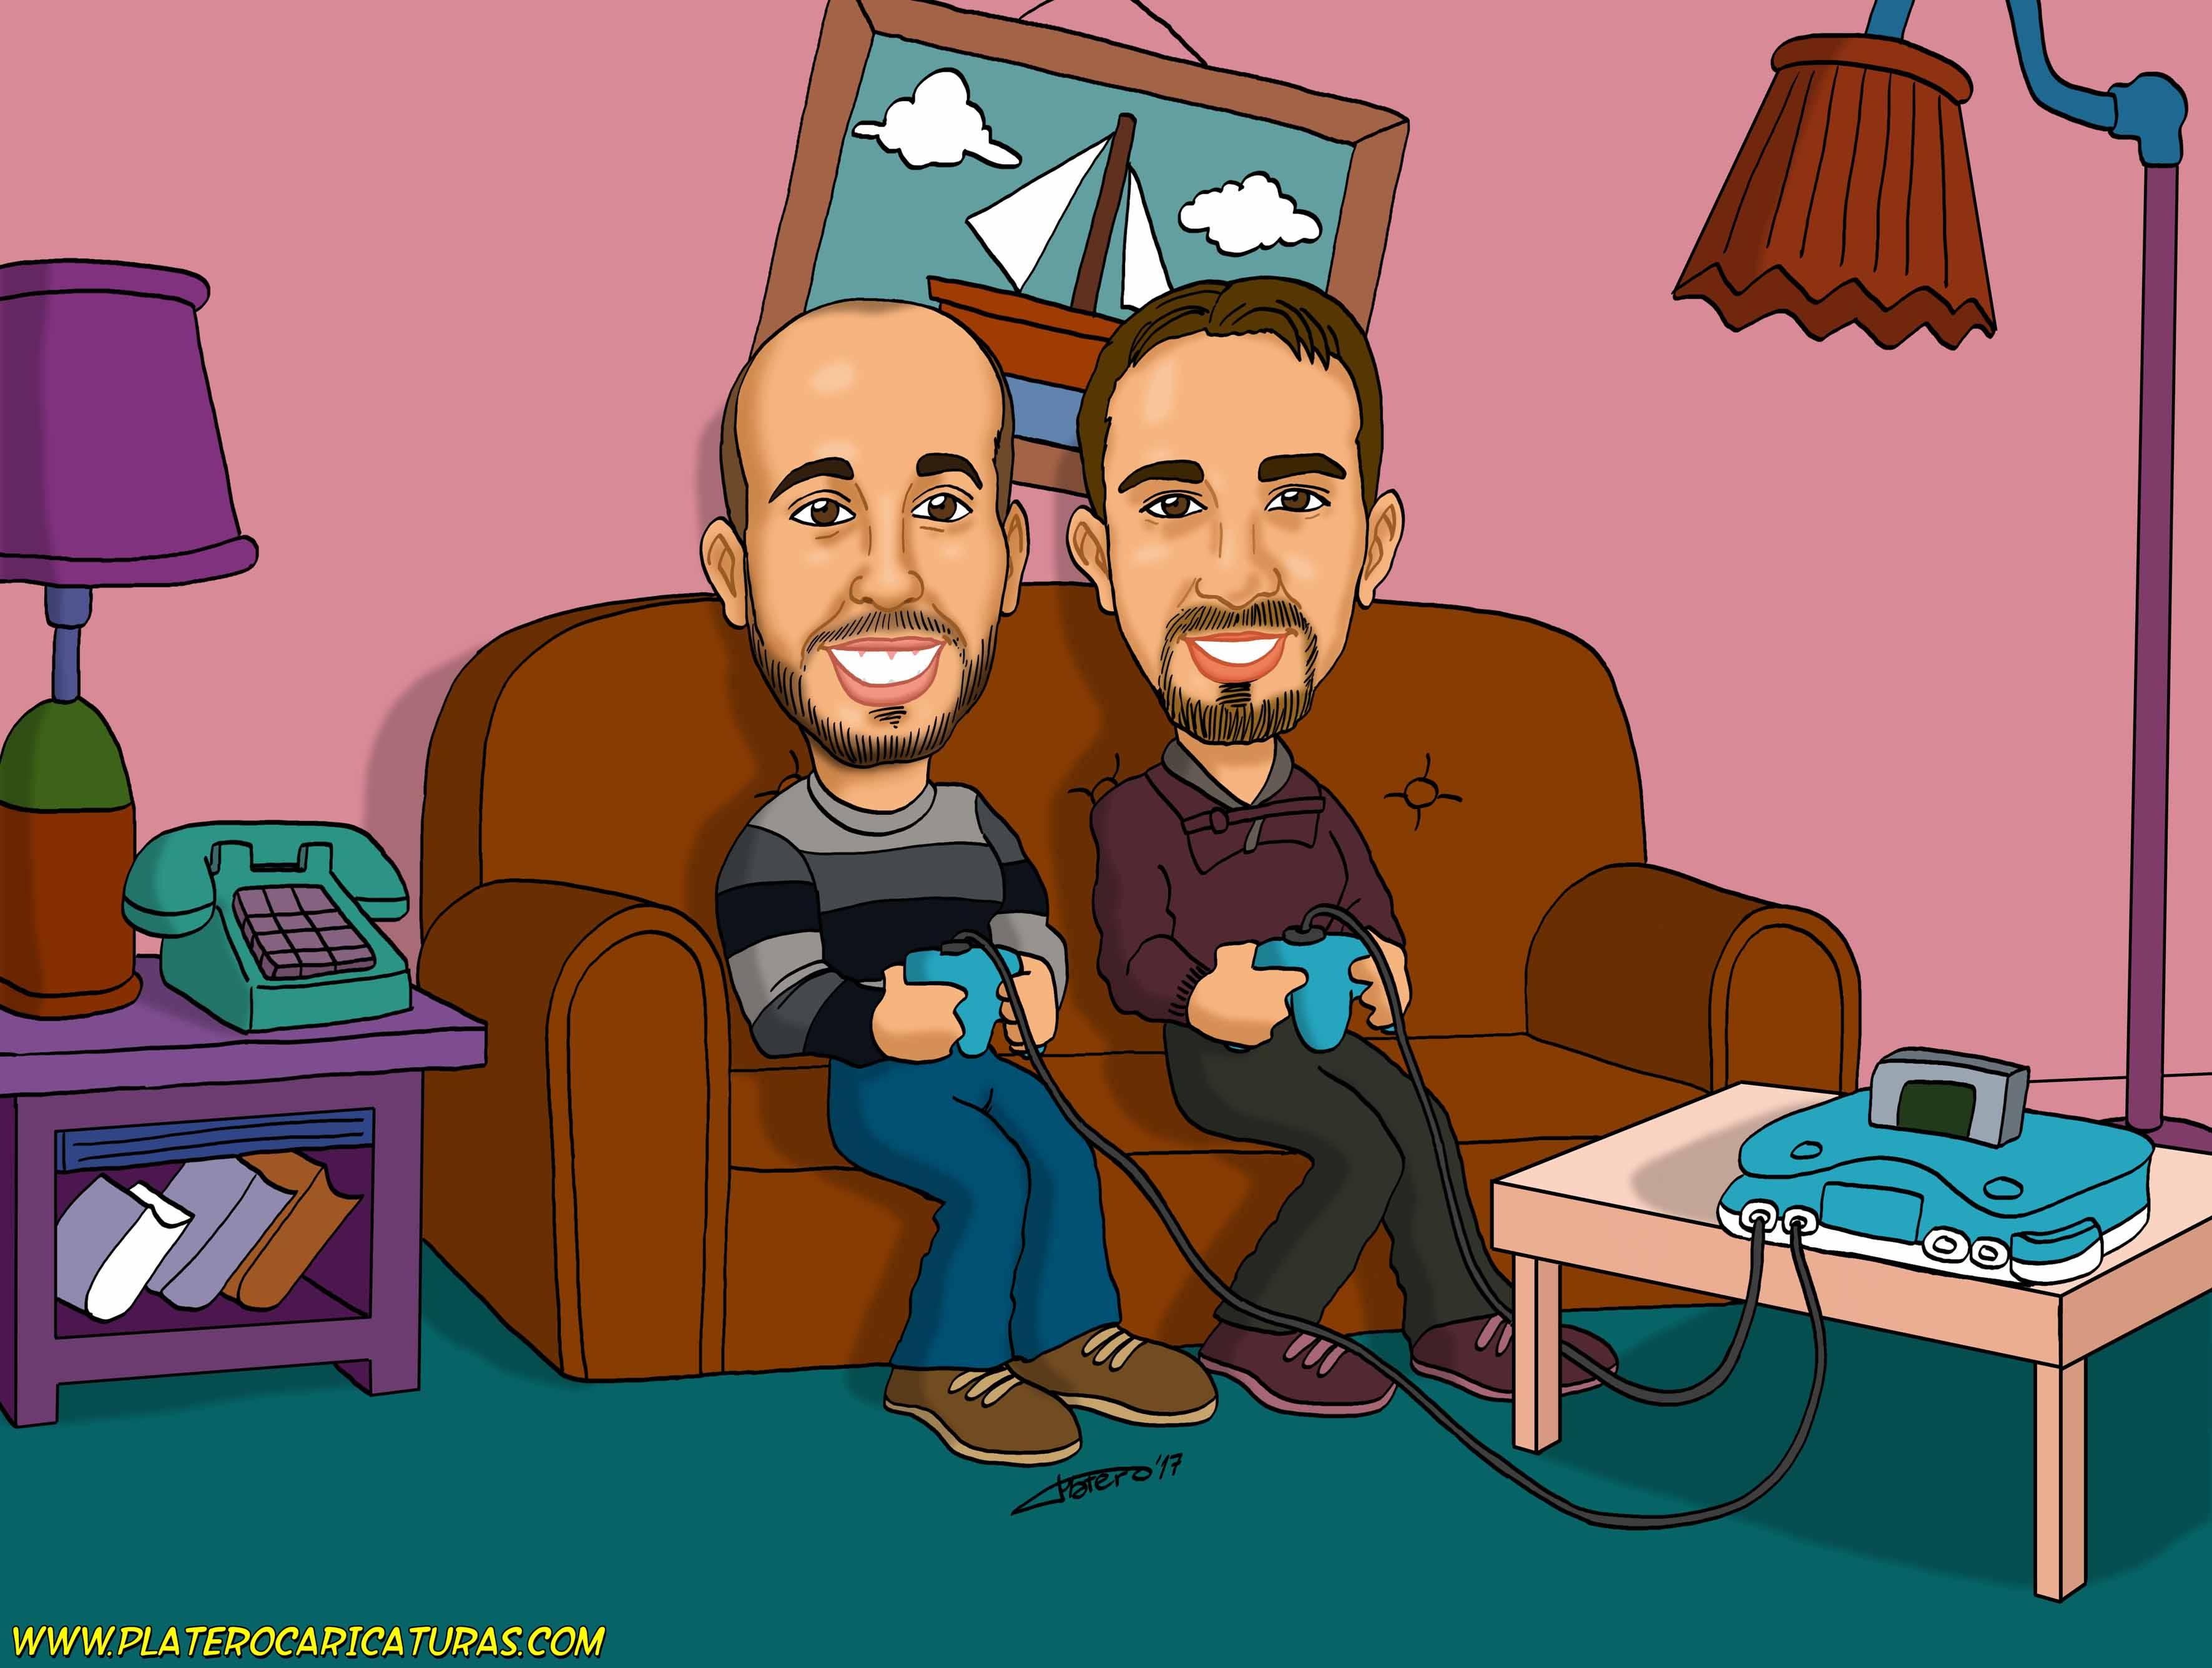 caricaturas_a_color_por_encargo_personalizadas_chicos_jugando_a_la_consola_platerocaricaturas_elmund